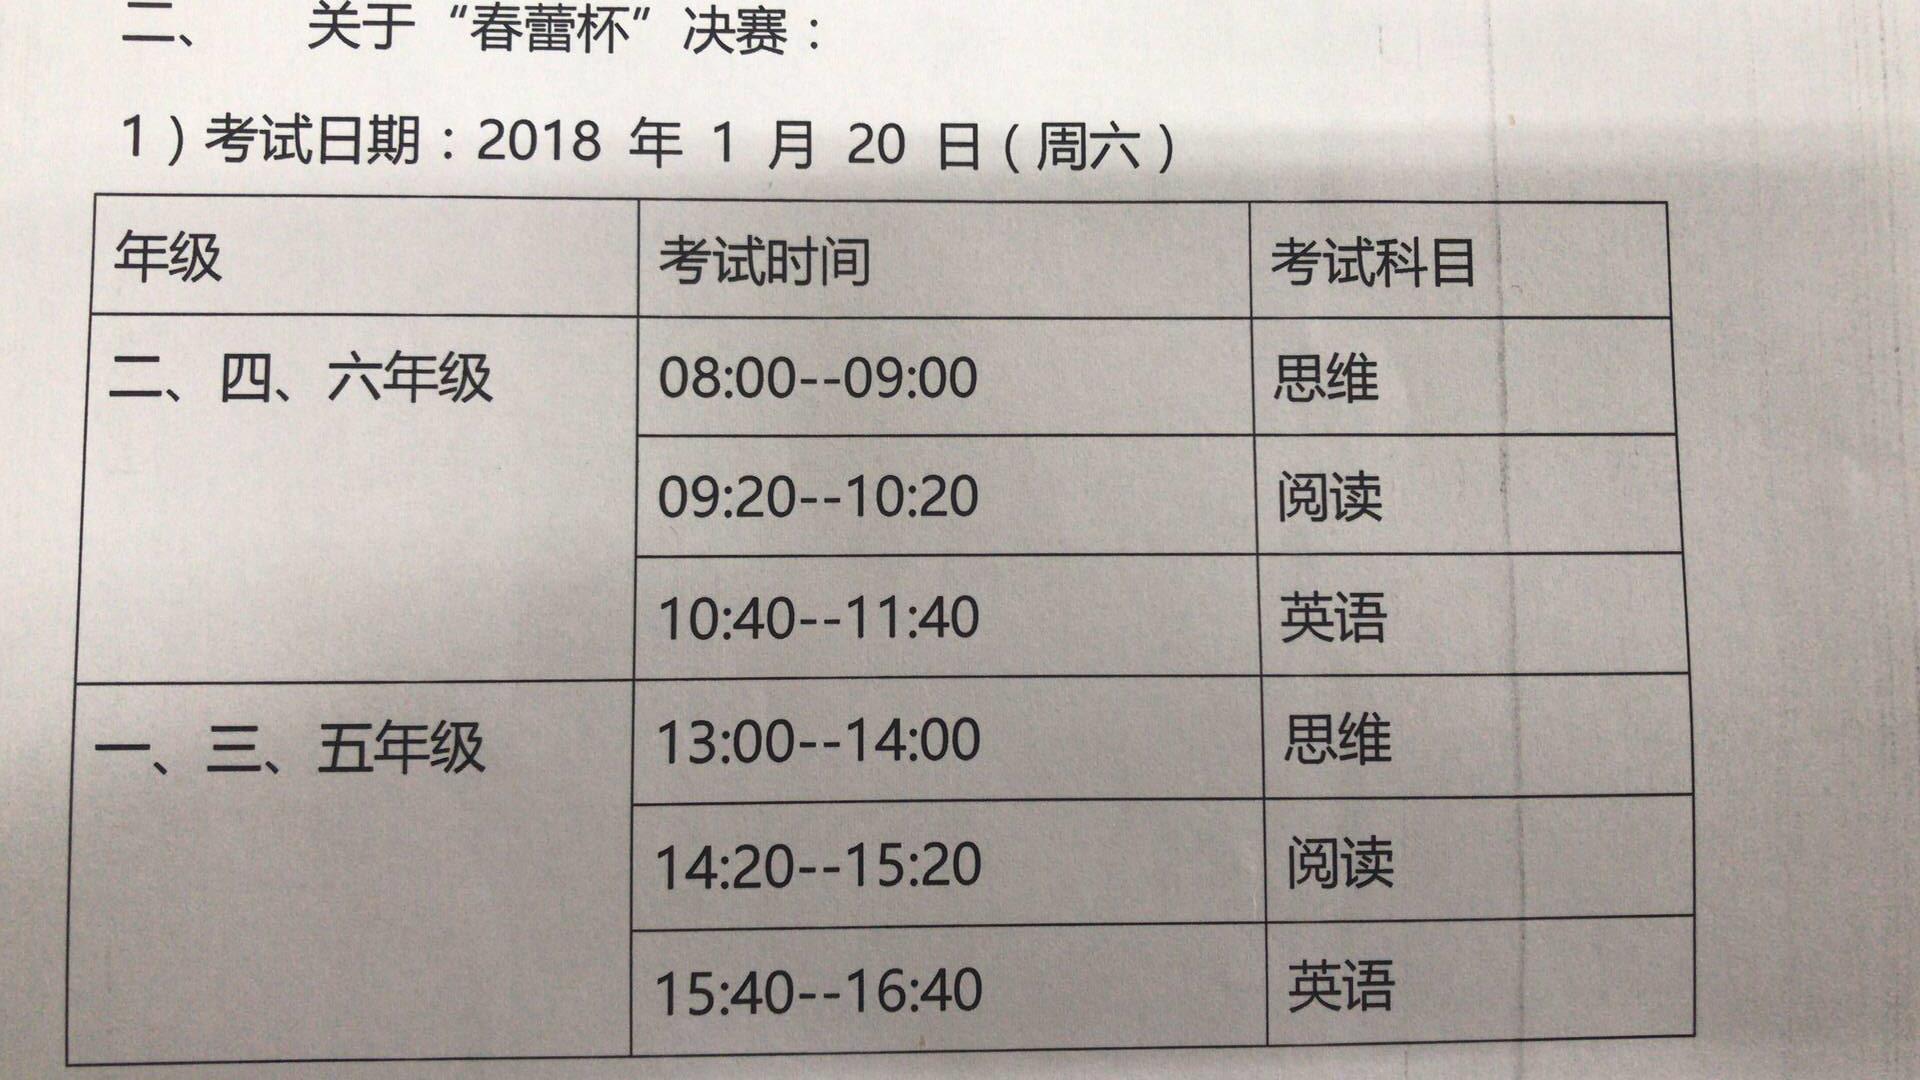 2018年上海春蕾杯决赛考试时间安排公布